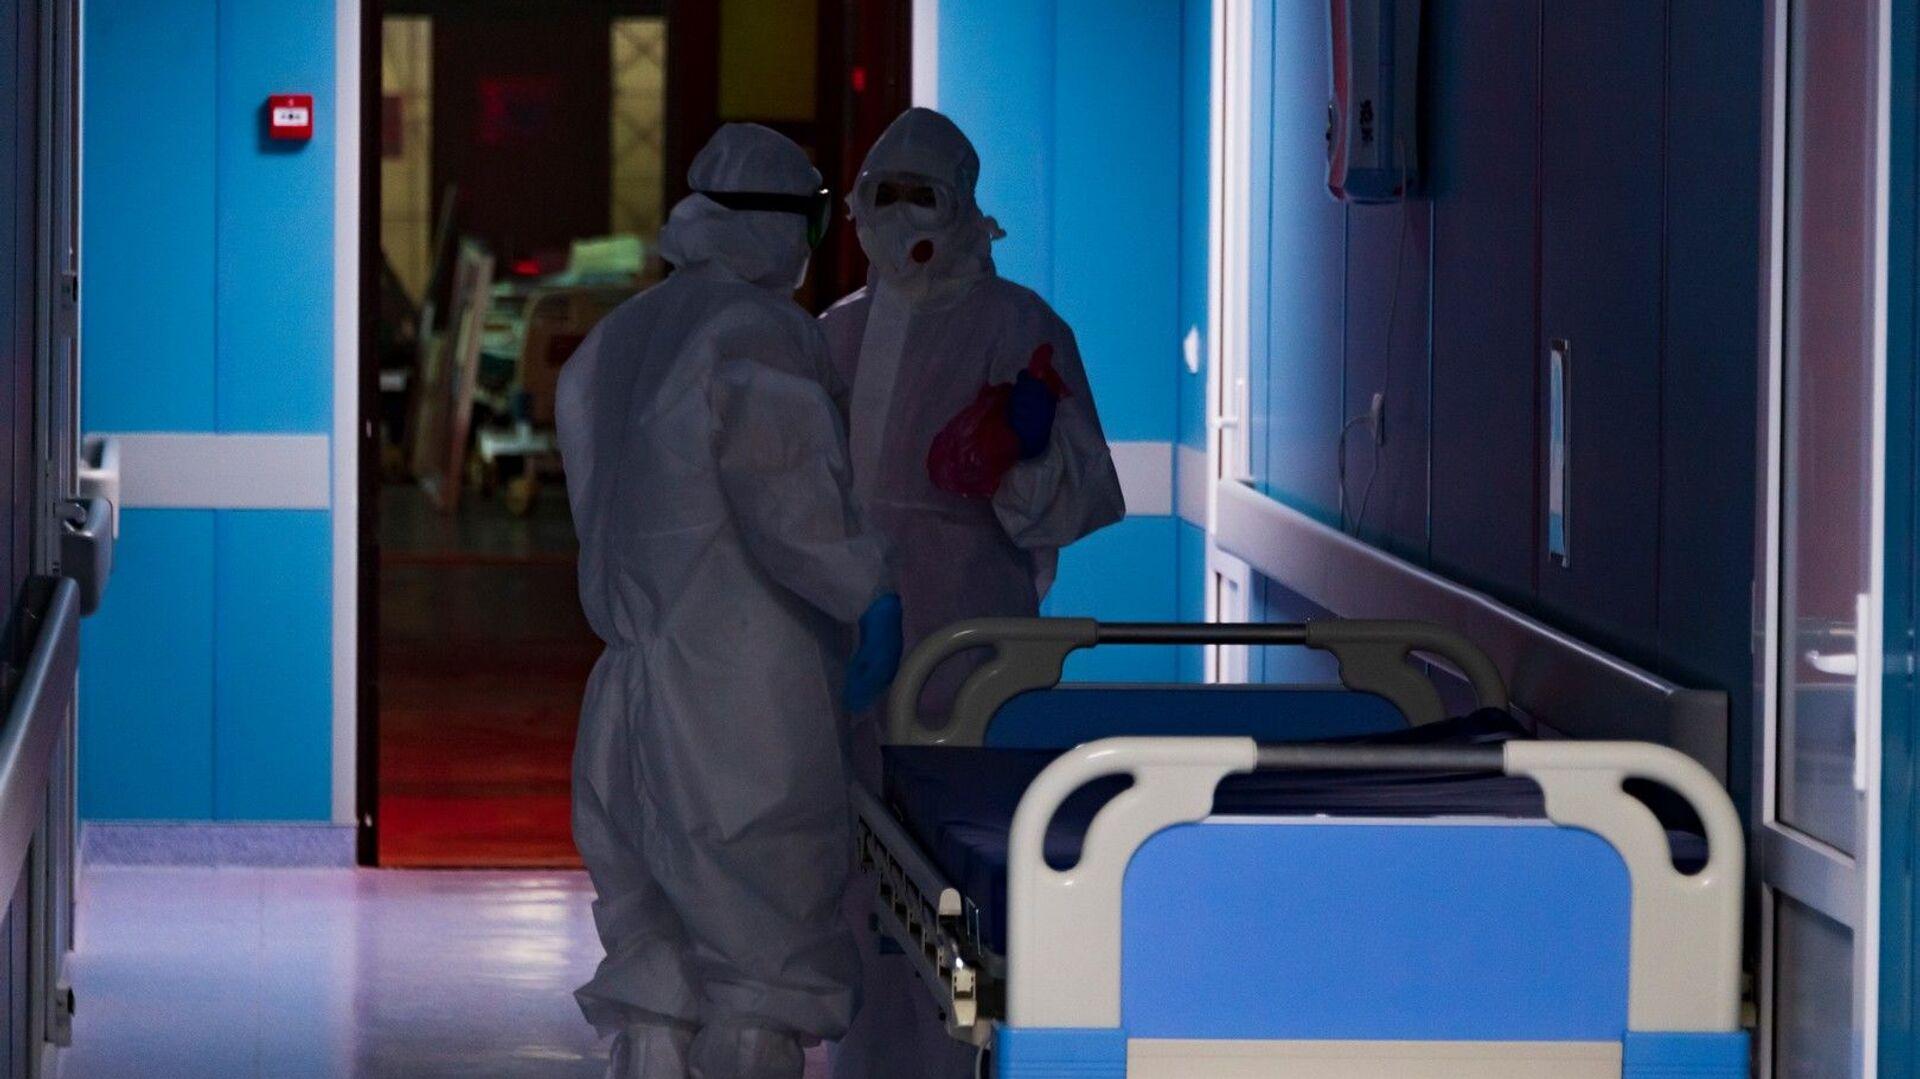 За время пандемии отделение теряло не только пациентов, но и врачей. - РИА Новости, 1920, 01.07.2021